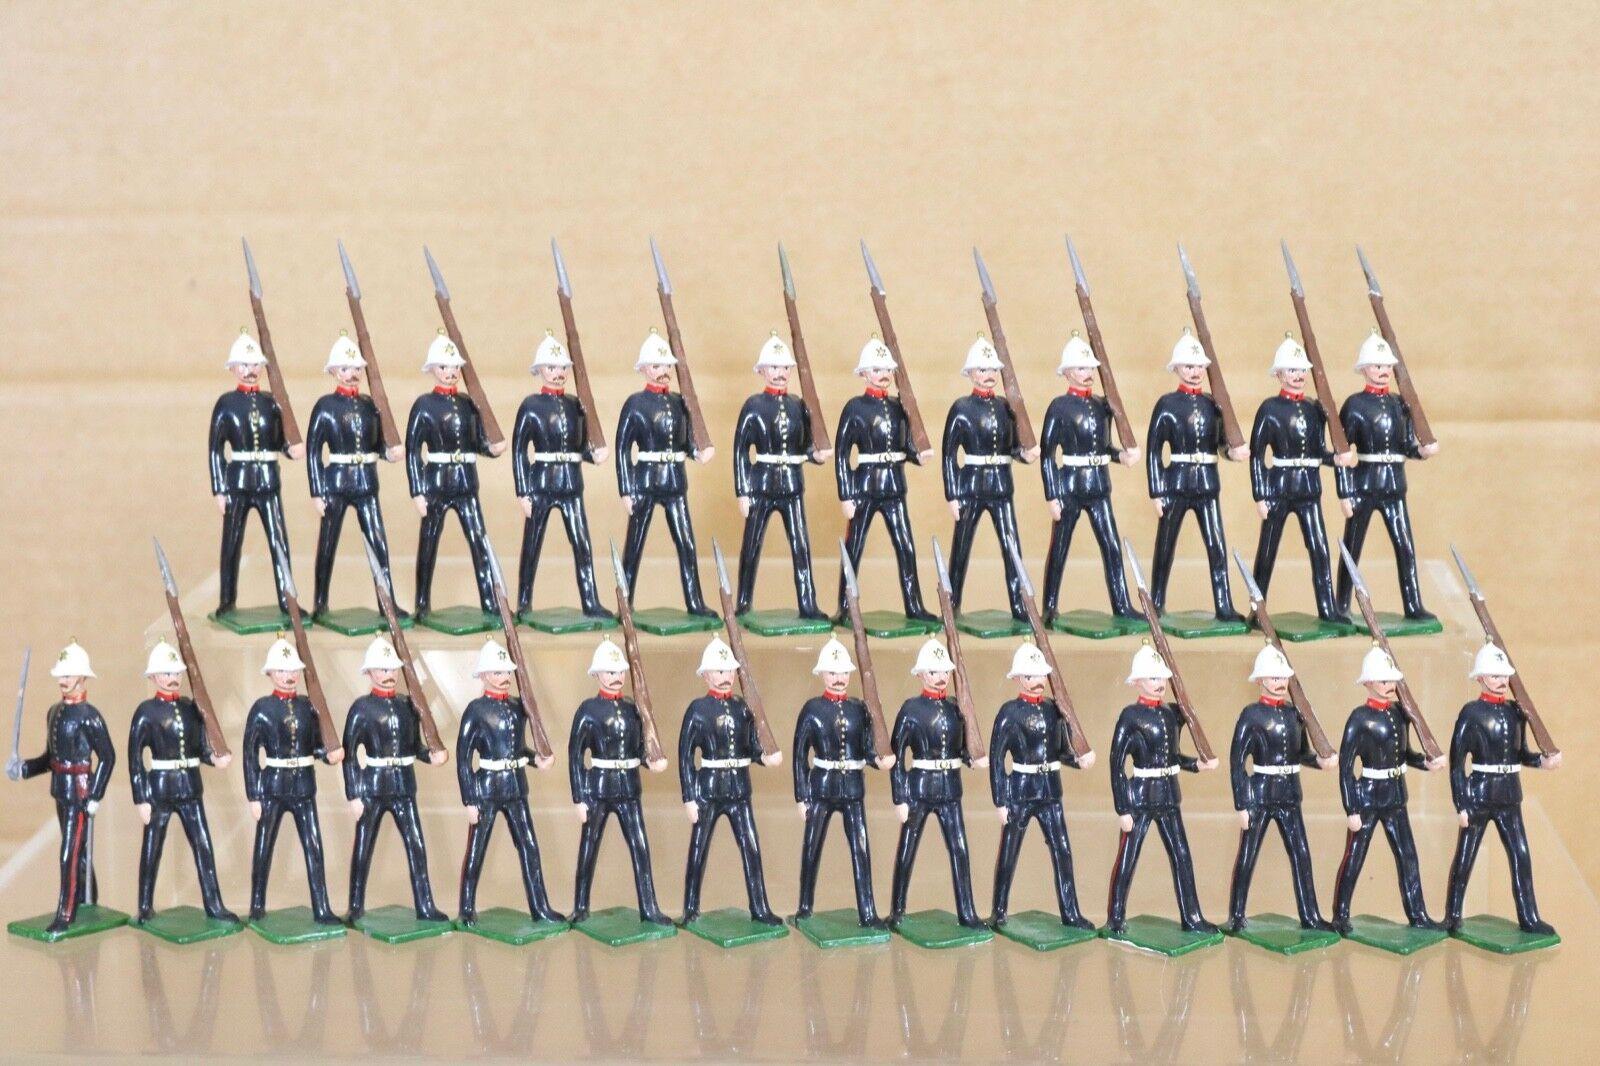 Britains Re Schloss Britisch Royal Marines Marsch At The Hang X 26 Nq